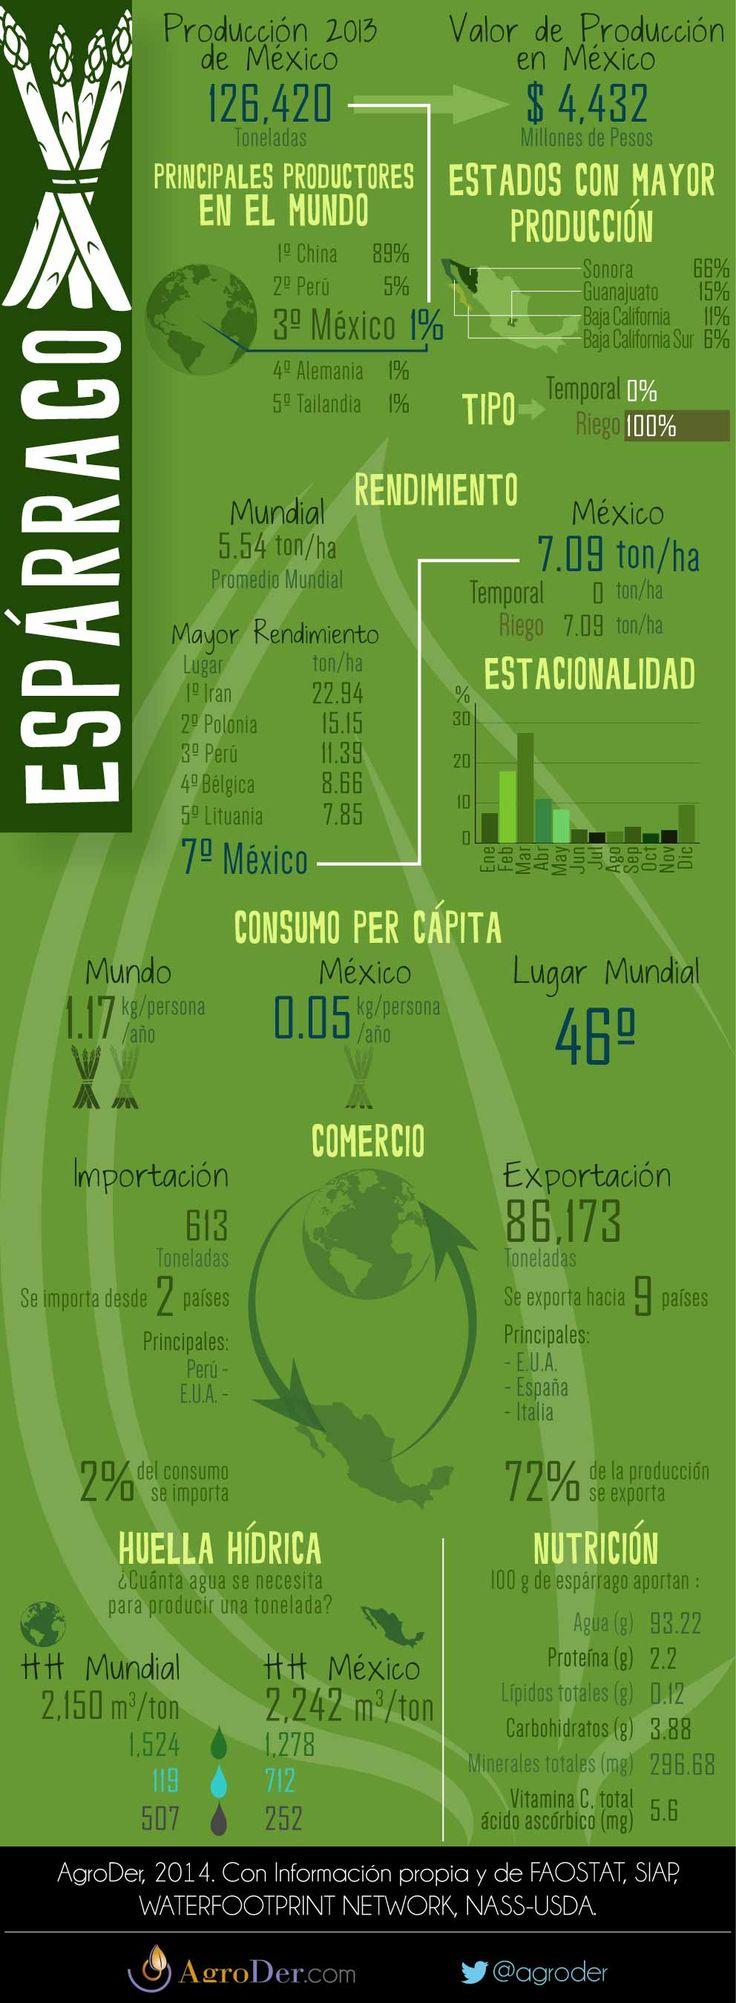 Infografía - Espárrago en México, 2013.